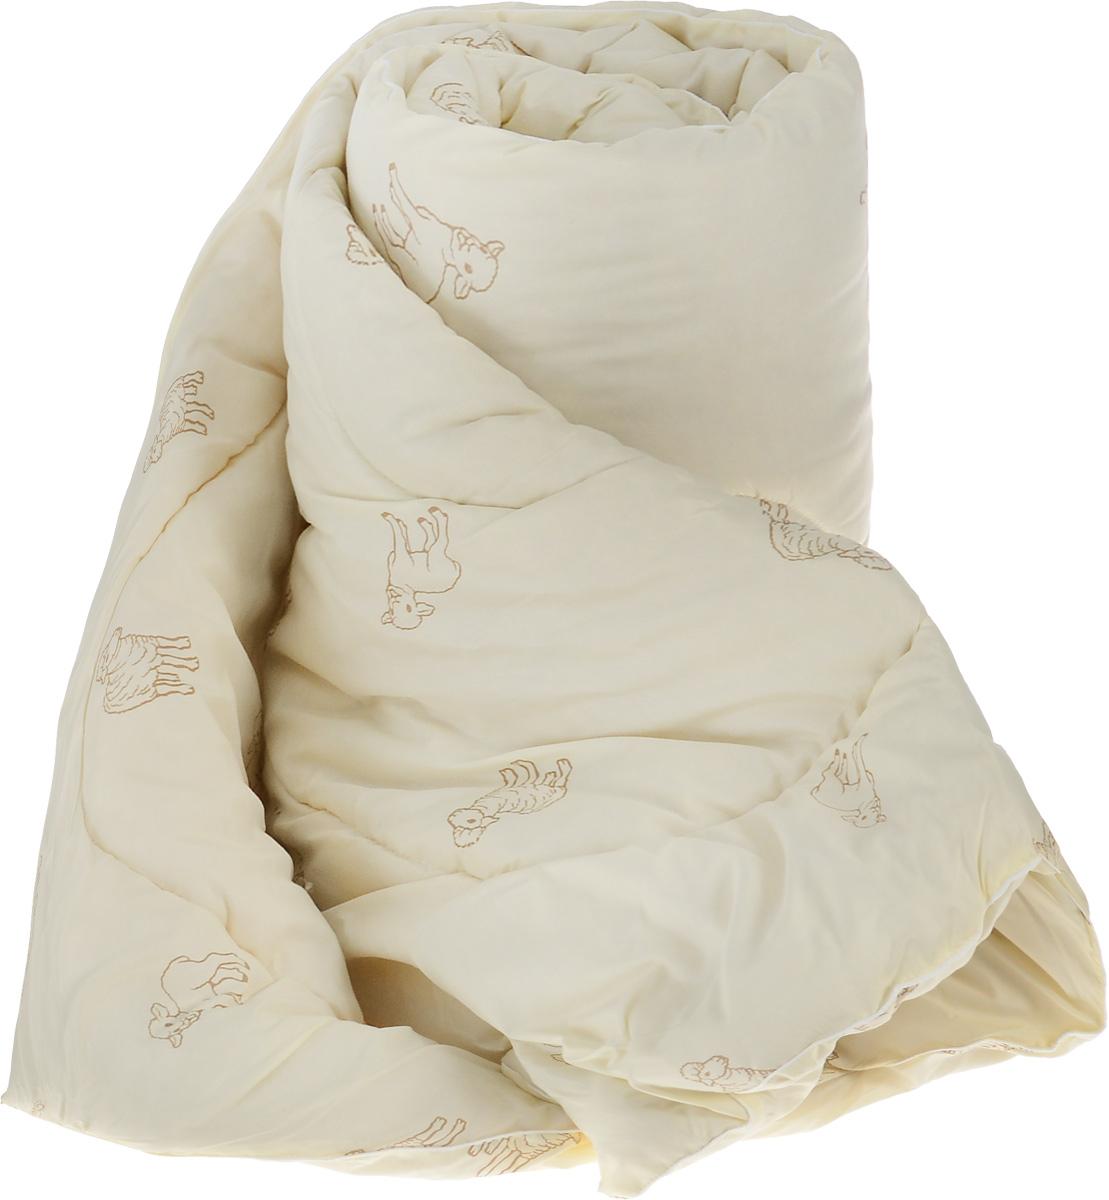 Одеяло теплое Легкие сны Золотое руно,наполнитель: овечья шерсть, 172 x 205 см172(32)05-ОШПТеплое стеганое одеяло Легкие сны Золотое руно с наполнителем из овечьей шерсти расслабит, снимет усталость и подарит вам спокойный и здоровый сон.Шерстяные волокна, получаемые из овечьей шерсти, имеют полую структуру, придающую изделиям высокую износоустойчивость. Чехол одеяла, выполненный из смесовой ткани отлично пропускает воздух, создавая эффект сухого тепла. Одеяло простегано. Стежка надежно удерживает наполнитель внутри и не позволяет ему скатываться.Рекомендации по уходу: Отбеливание, стирка, барабанная сушка и глажка запрещены. Разрешается химчистка. Уважаемые клиенты!Обращаем ваше внимание на цветовой ассортимент товара. Поставка осуществляется в зависимости от наличия на складе.